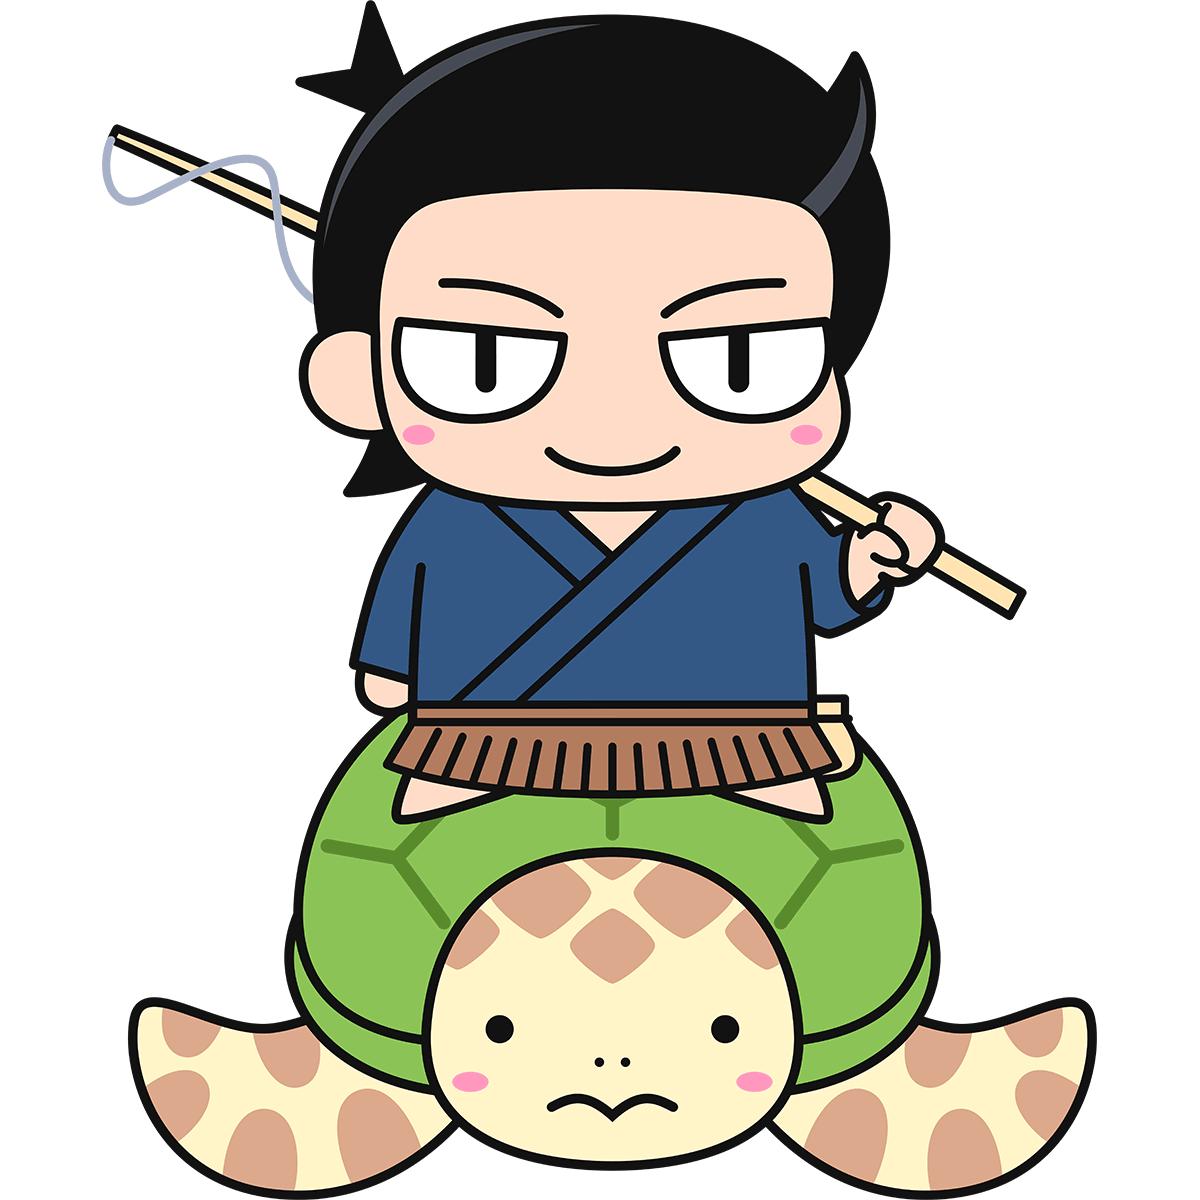 亀に乗った浦島太郎の無料イラスト